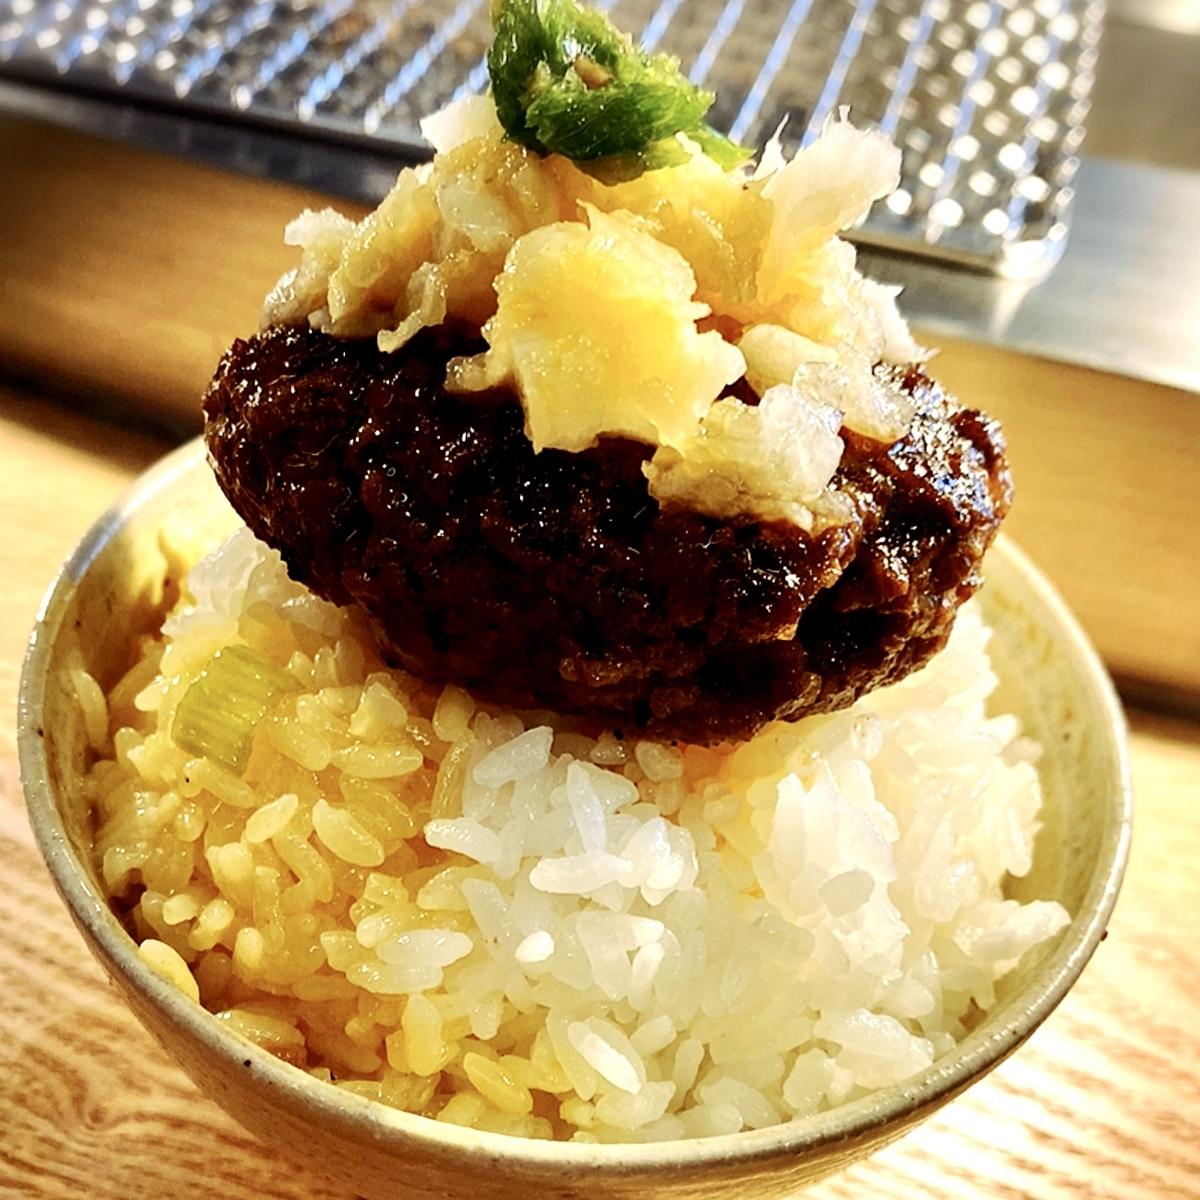 吉祥寺東急裏エリアに肉汁滴るハンバーグがいただけるお店がニューオープン